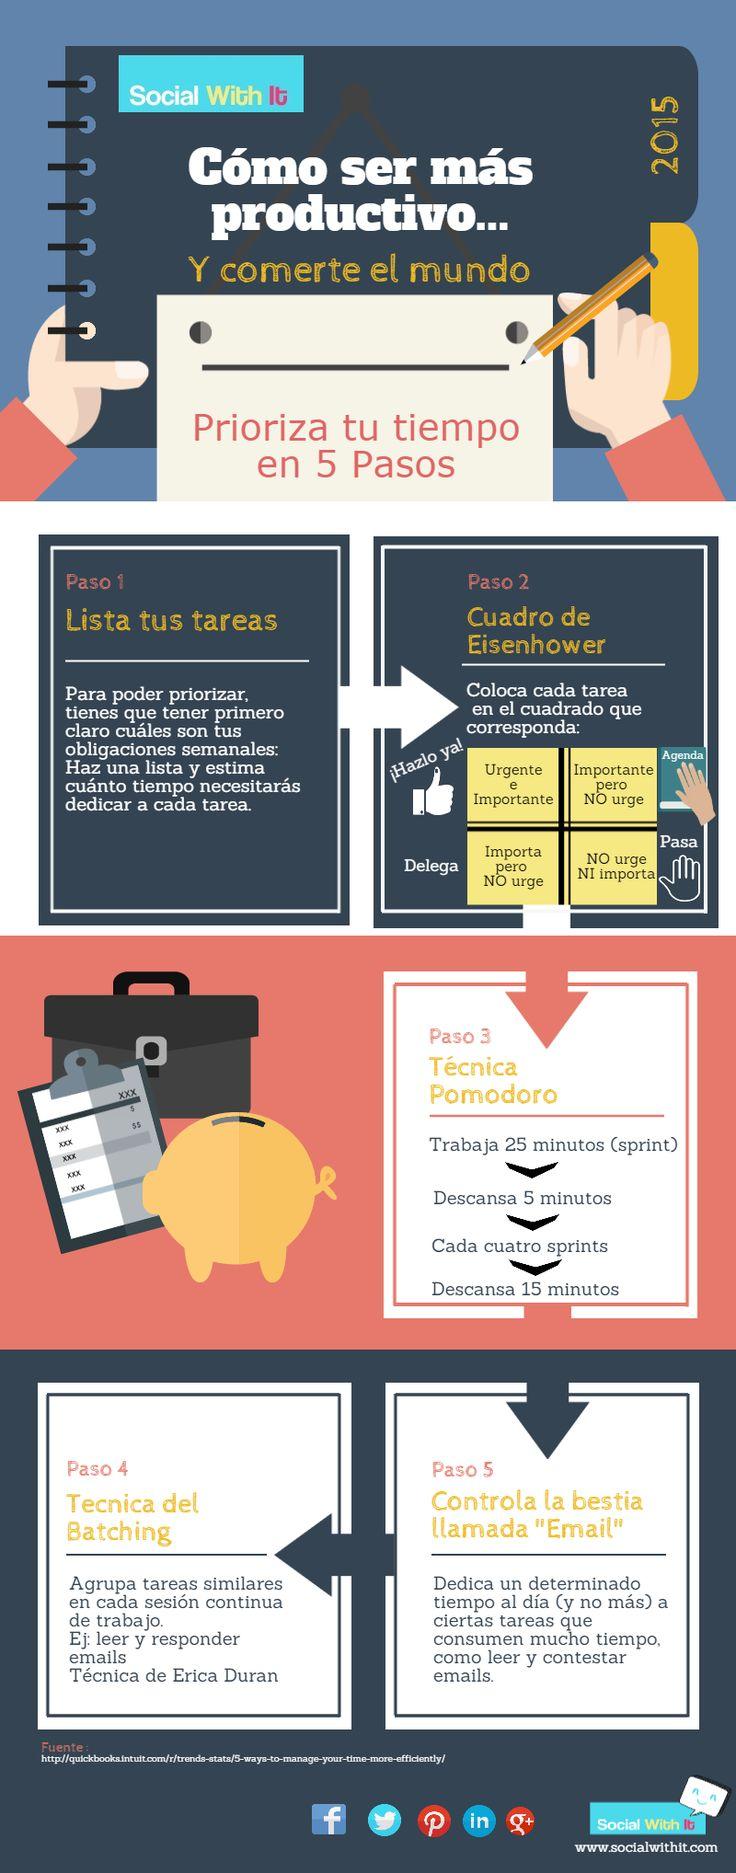 Hola: Una infografía sobre cómo ser más productivo: prioriza tu tiempo en 5 pasos. Un saludo